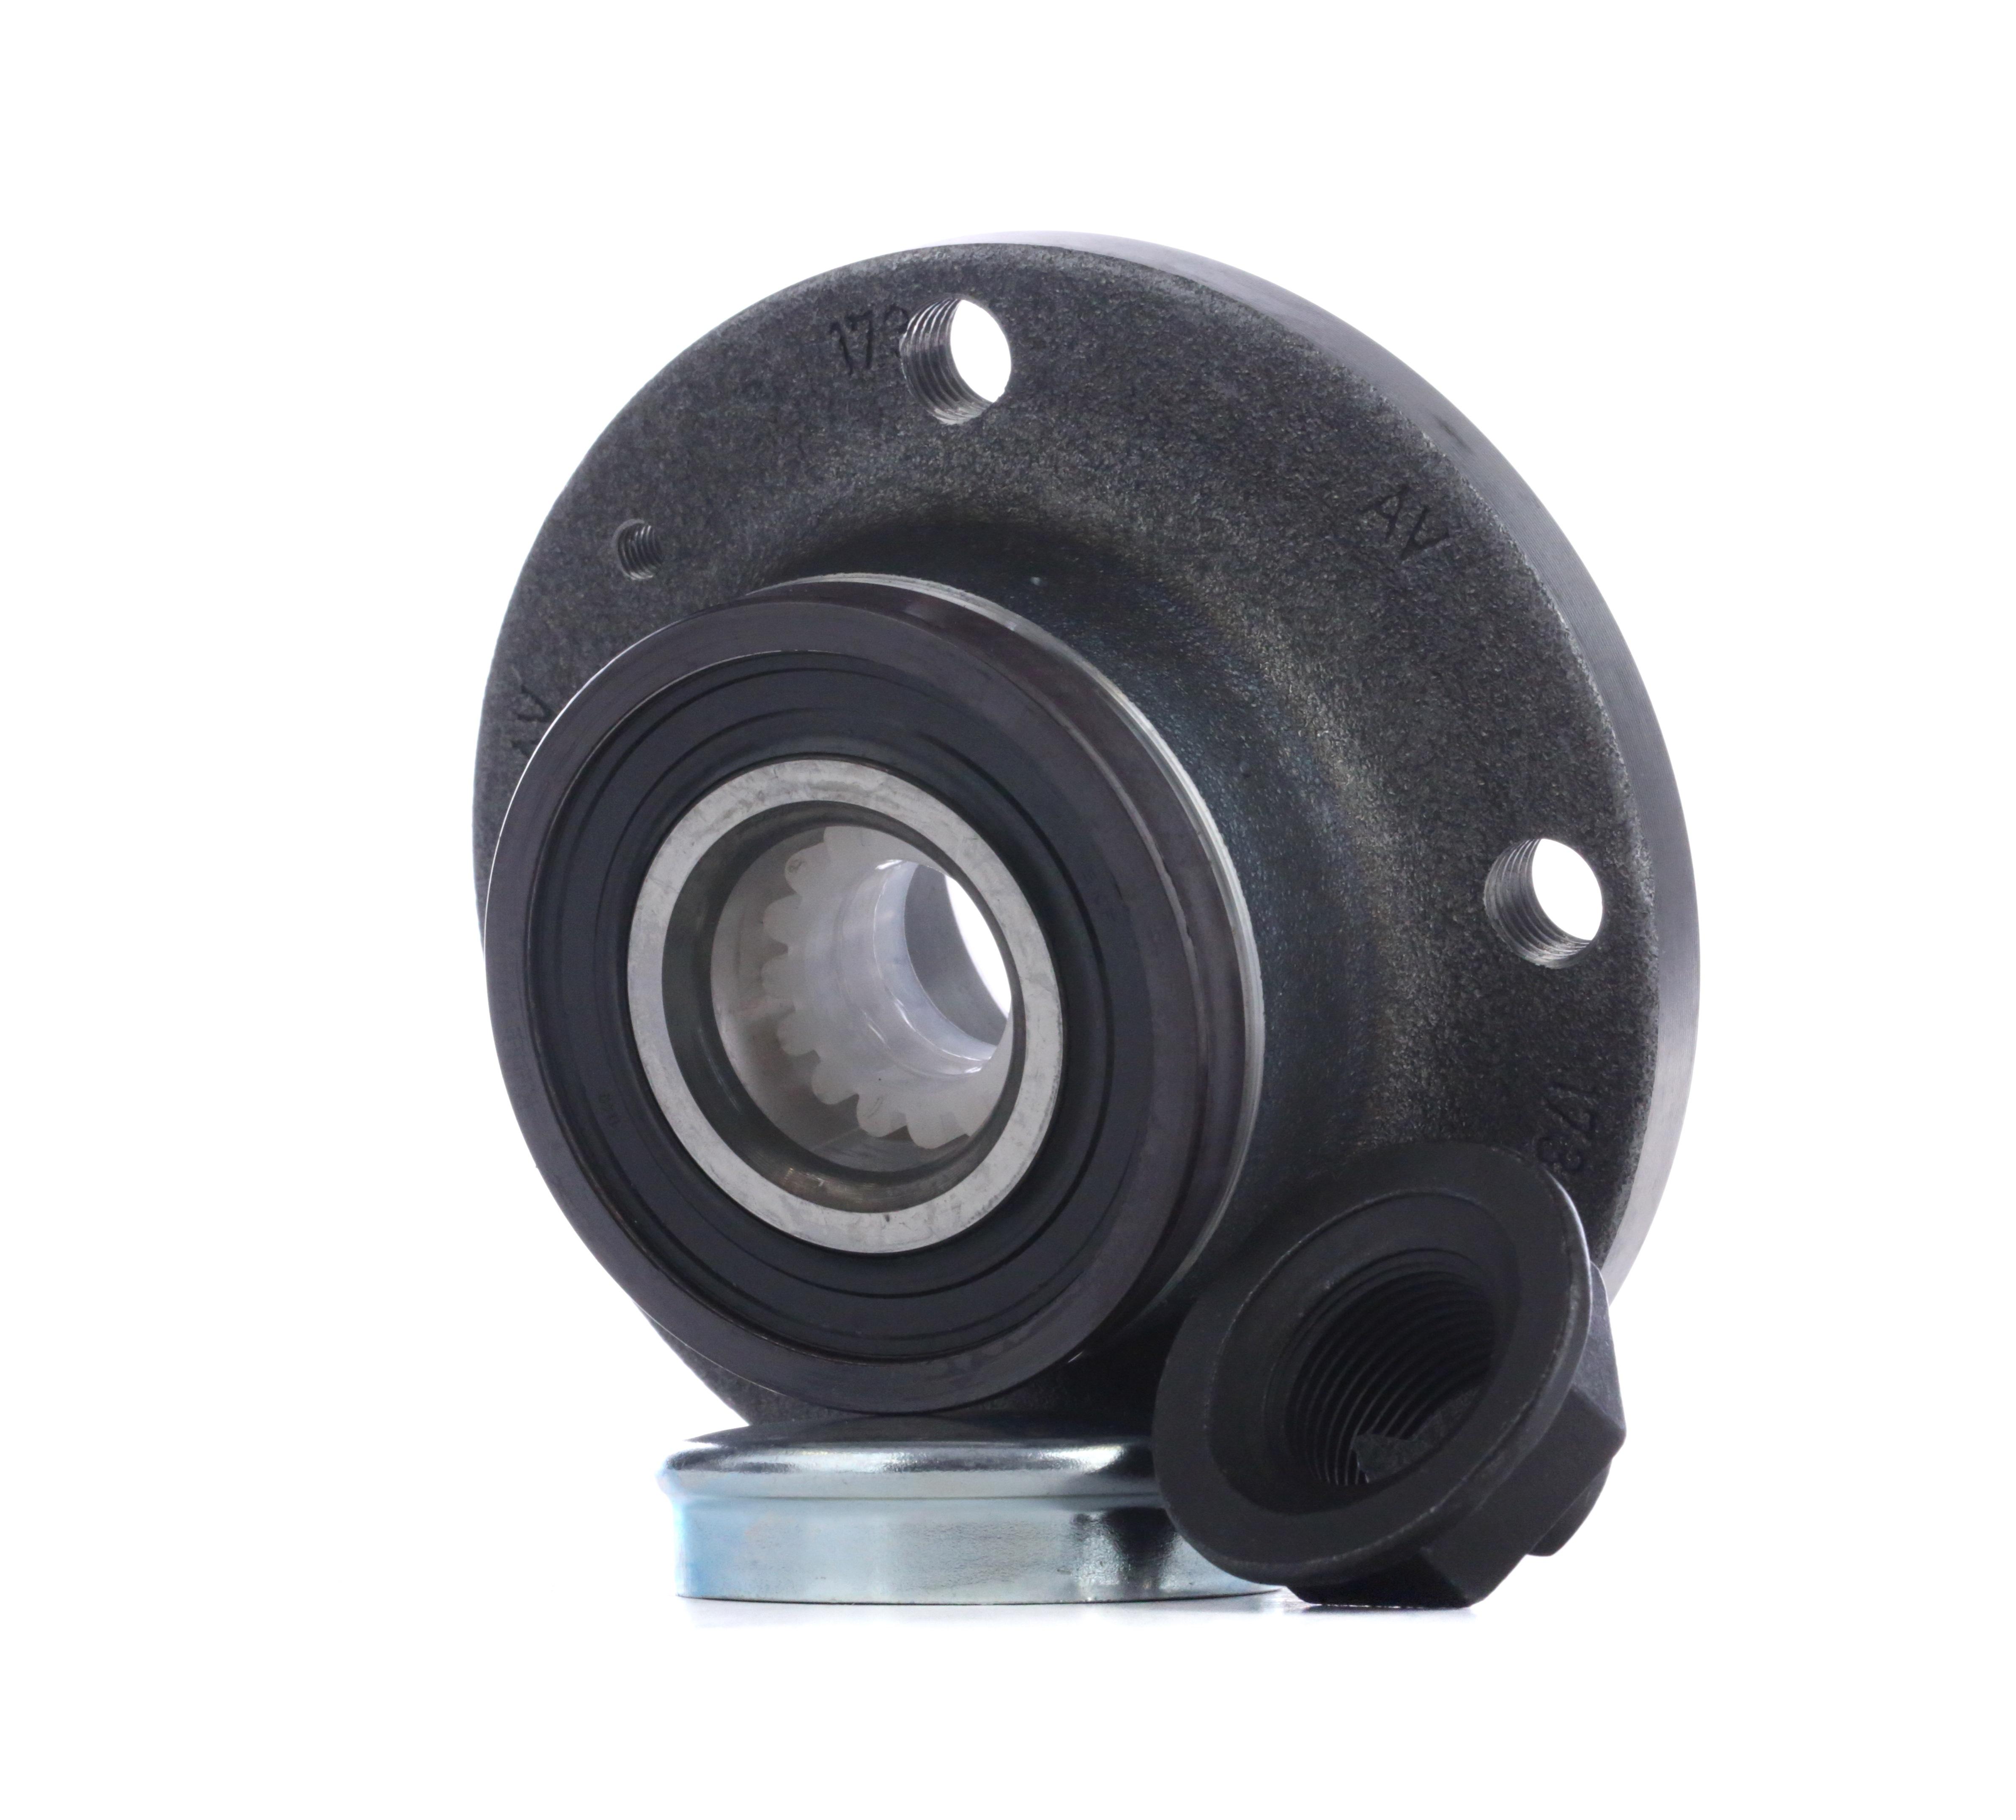 Achat de VKBA 6552 SKF avec capteur ABS intégré Kit de roulement de roue VKBA 6552 pas chères